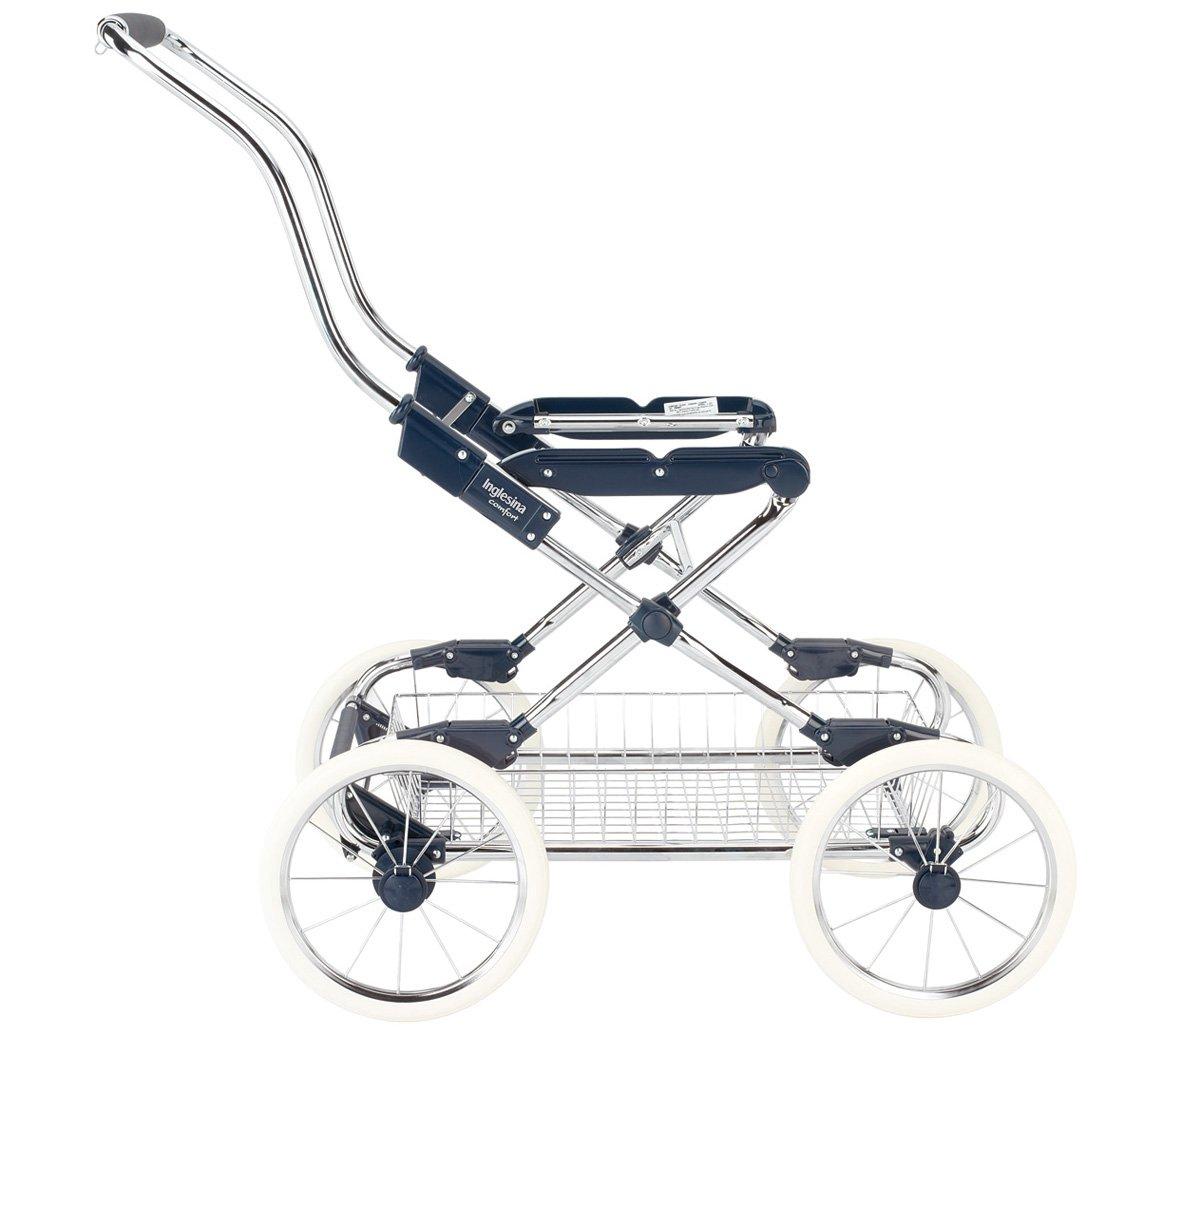 Inglesina AE10G1000 Vittoria Kinderwagengestell Comfort inklusive Einkaufskorb chrome//blau Griff aus echtem Leder mit Haken f/ür Taschenbefestigung Made in Italy hochwertige Verarbeitung